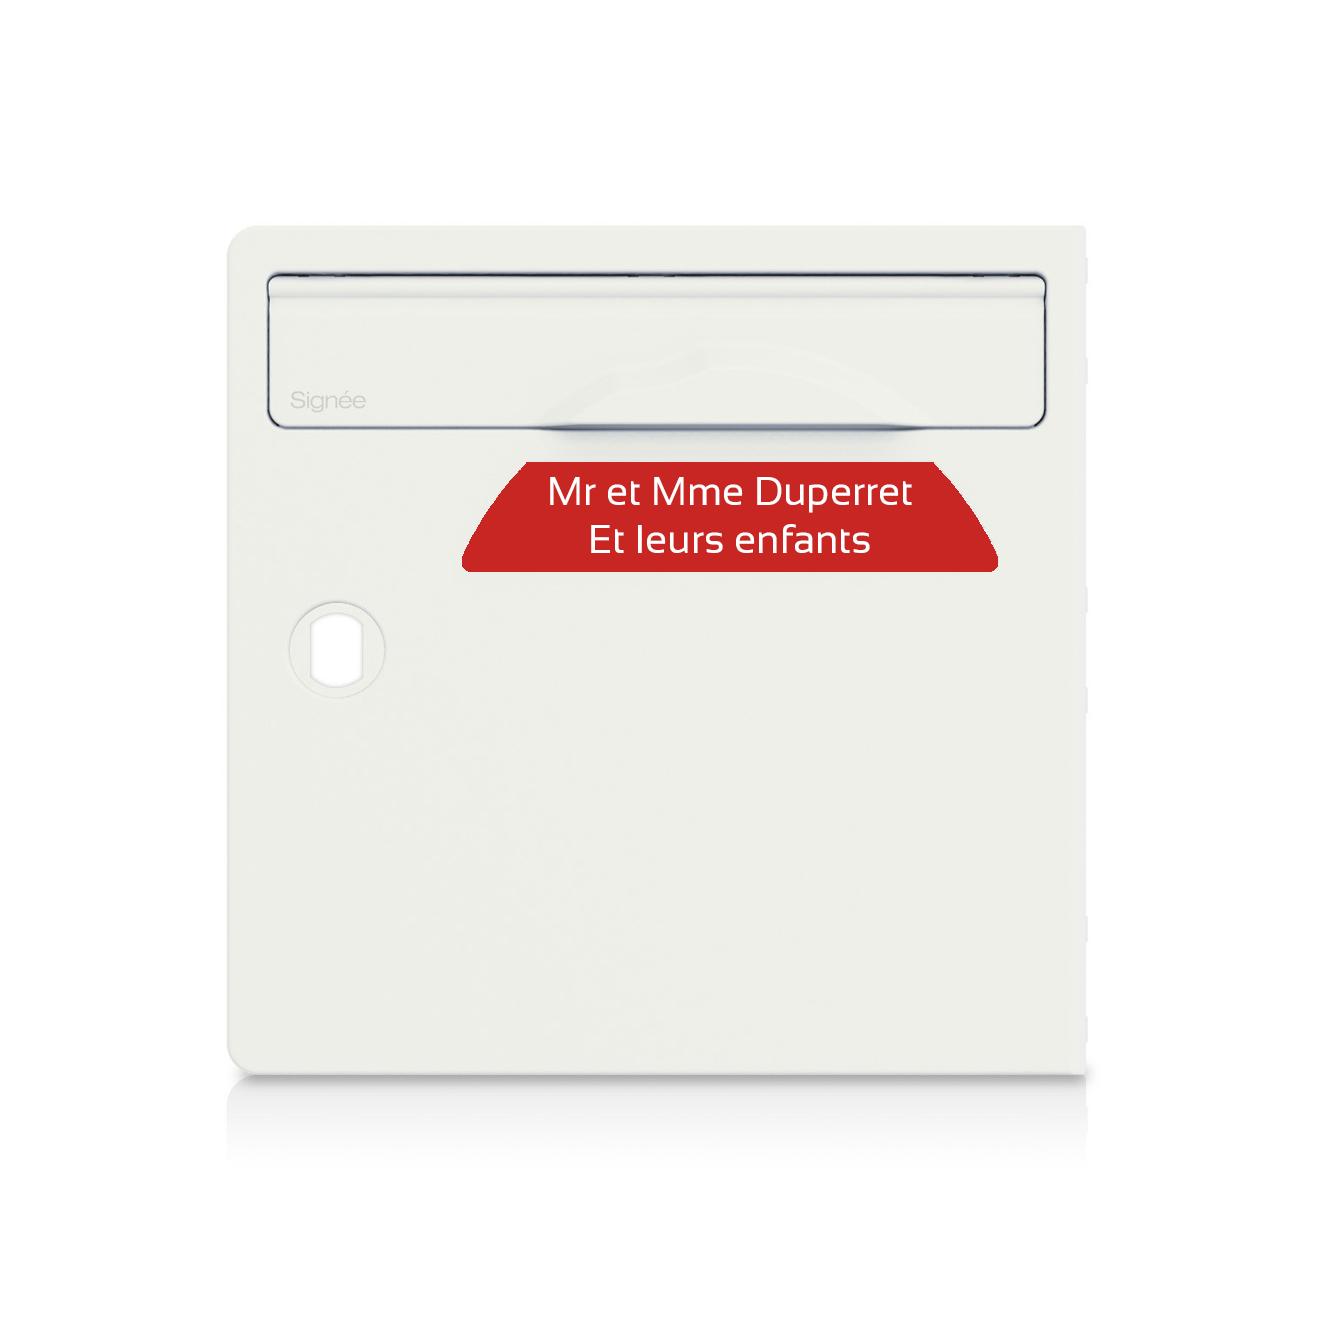 plaque boite aux lettres Signée rouge lettres blanches - 2 lignes